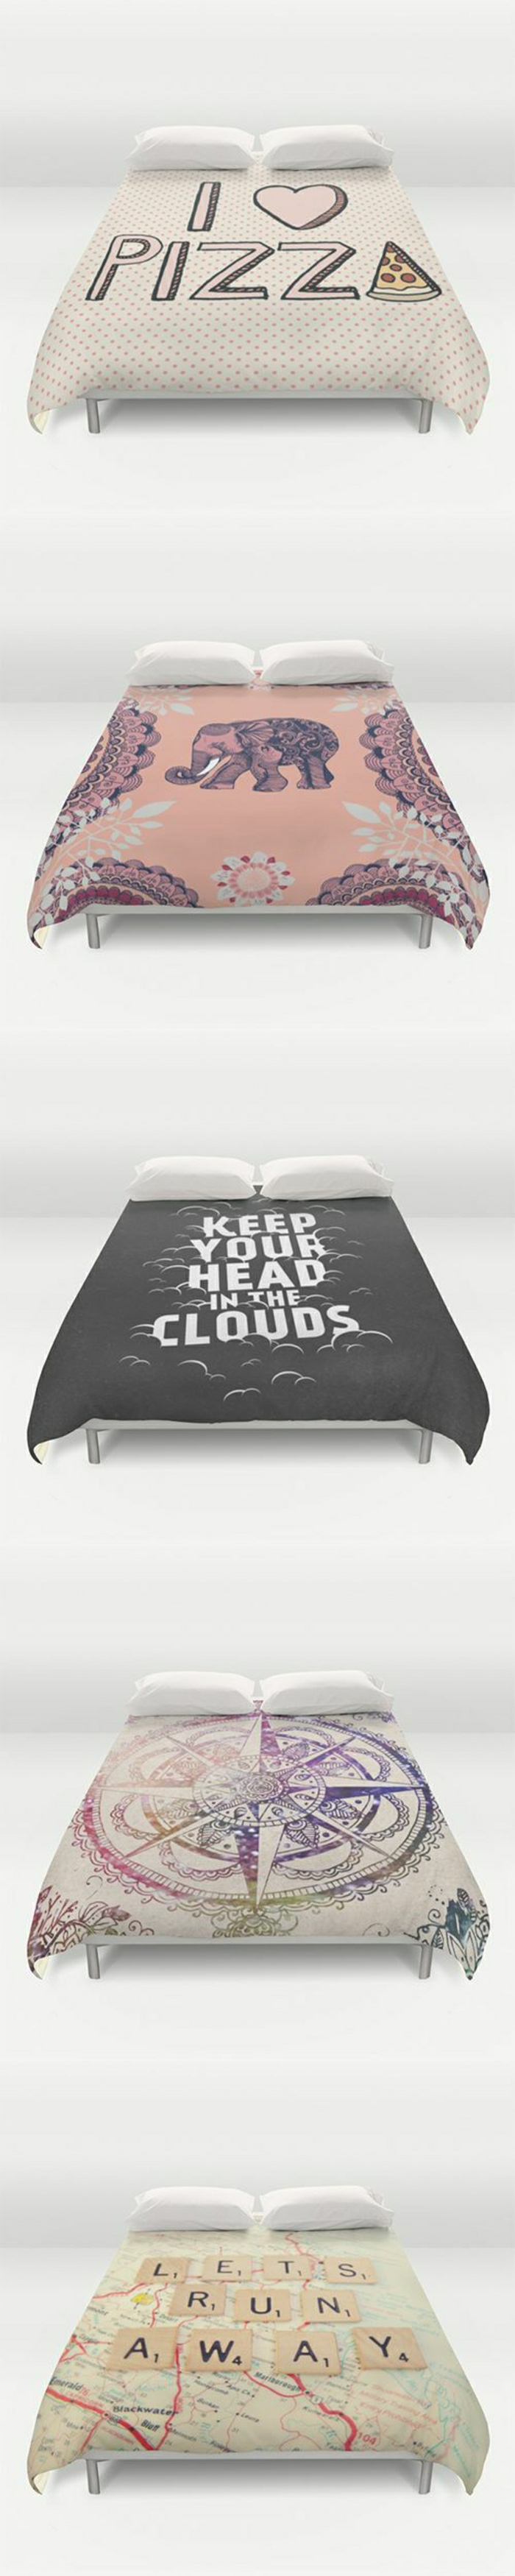 housse-de-couette-240x260-pour-votre-lit-confortable-dans-la-chambre-à-coucher-moderne-et-coloré